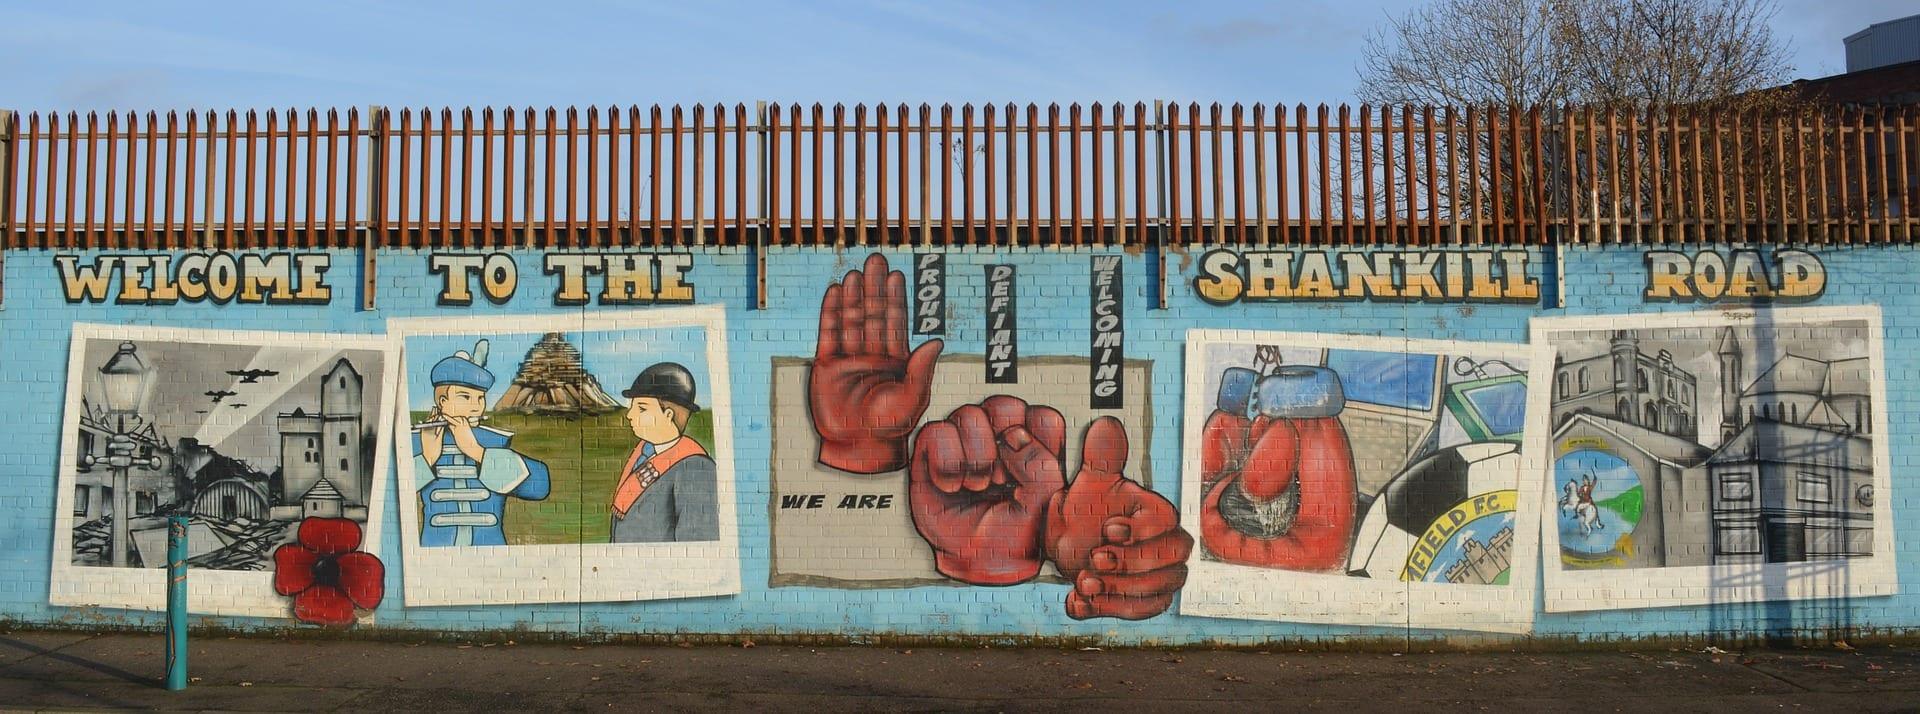 Qué ver y Hacer en Belfast: muro de Belfast